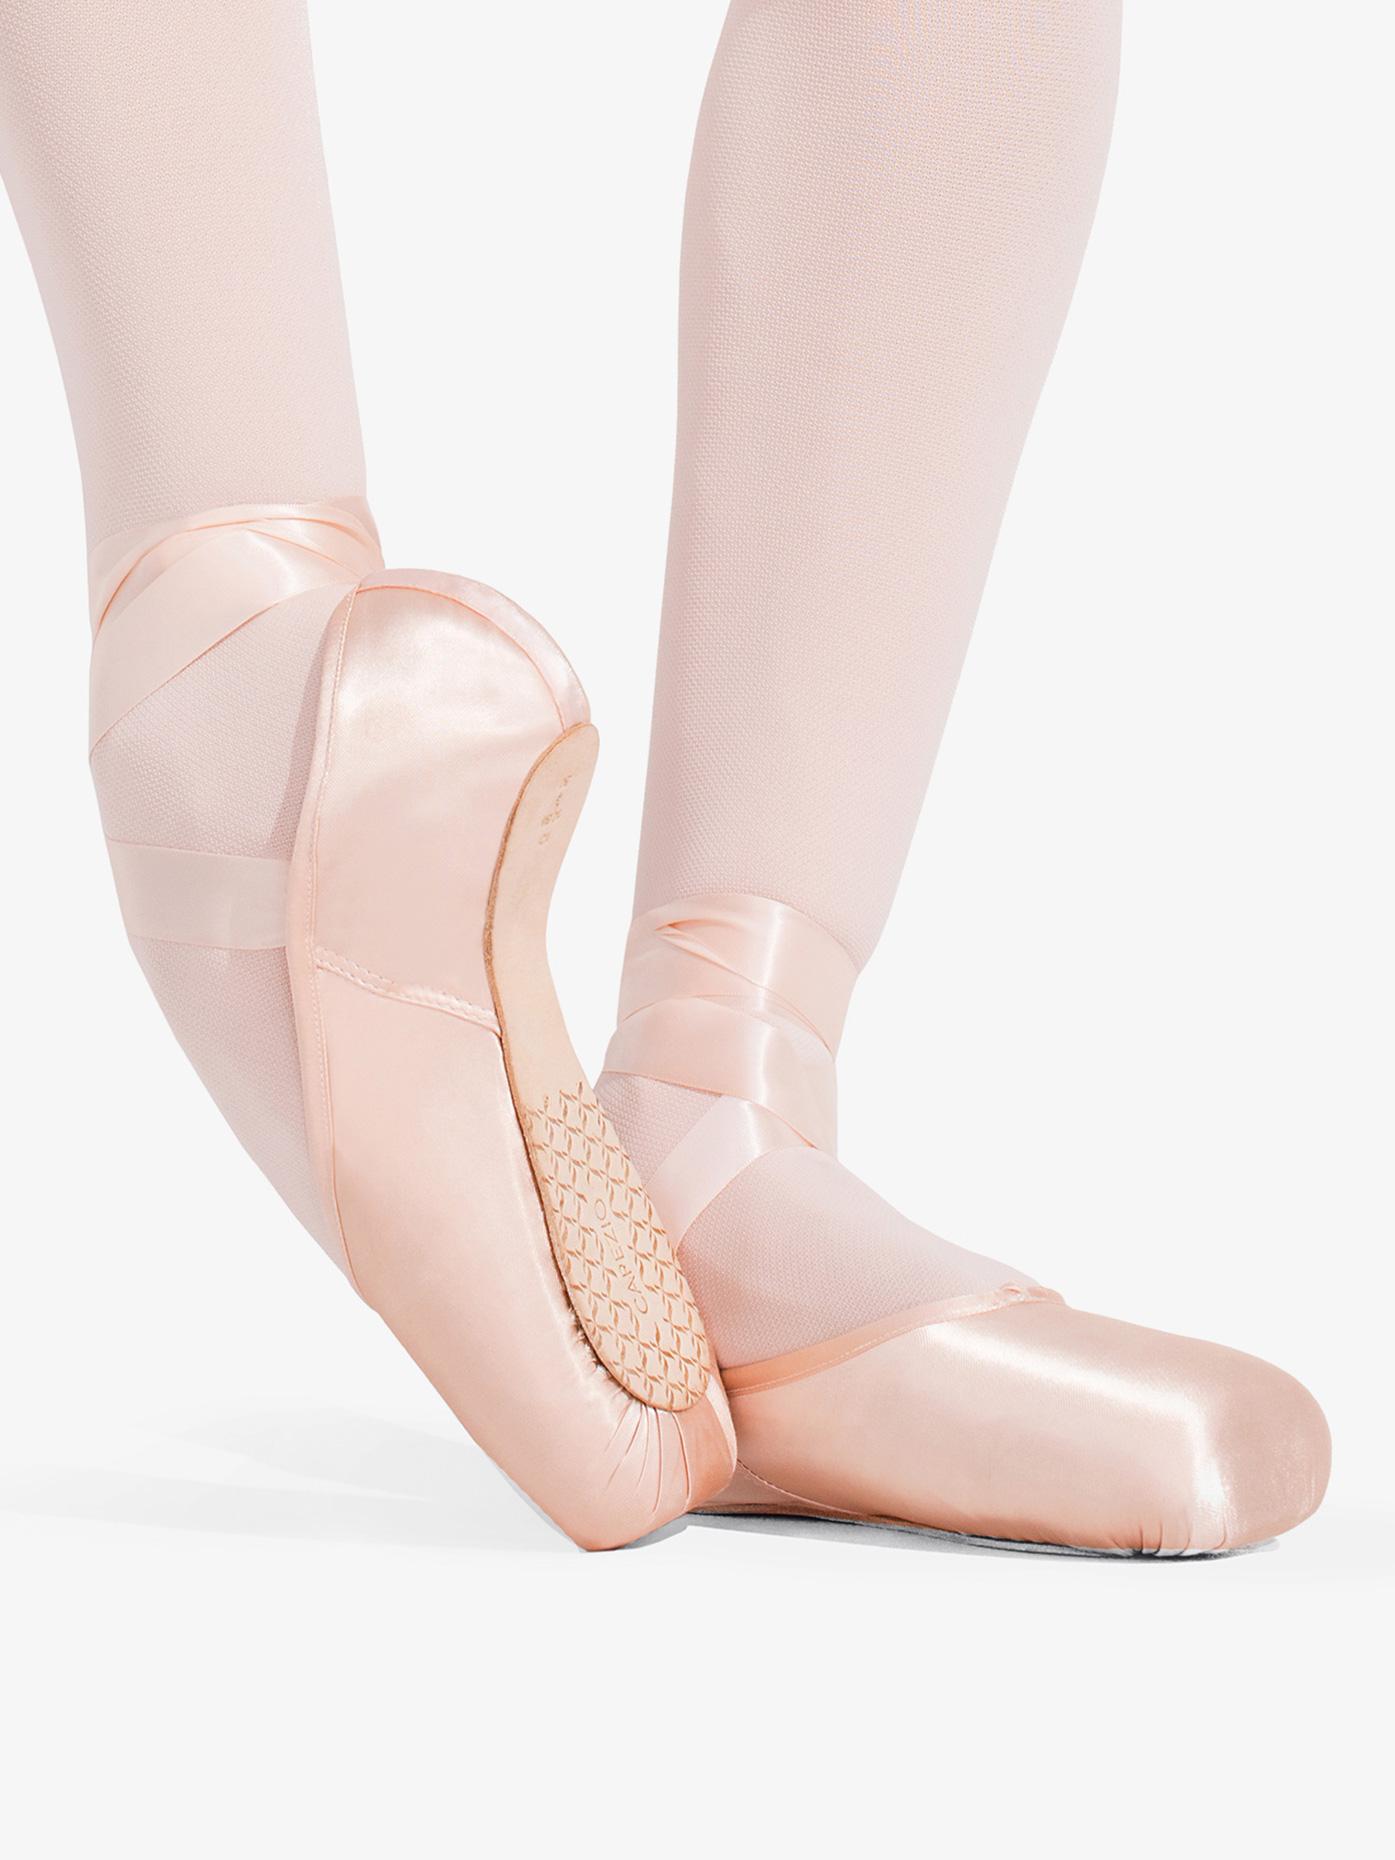 Capezio Womens Ava Broad Toe Pointe Shoes 1142W